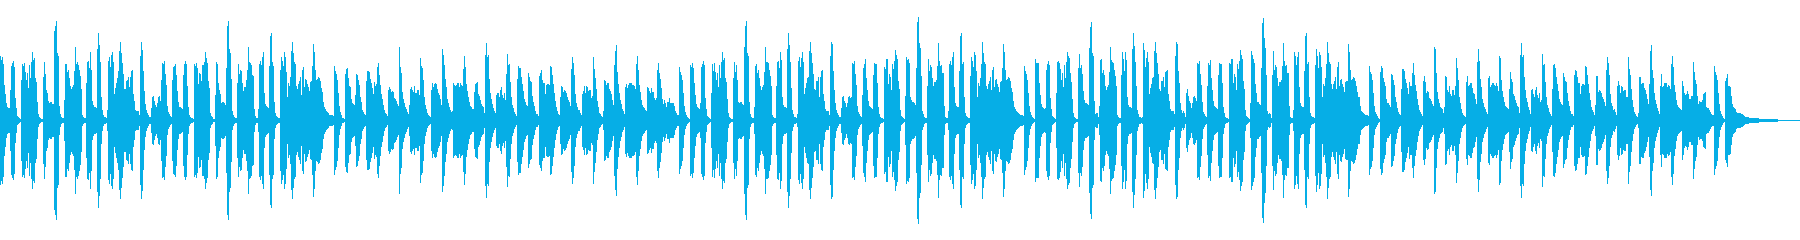 リコーダー・ゆるい会話やお話の再生済みの波形